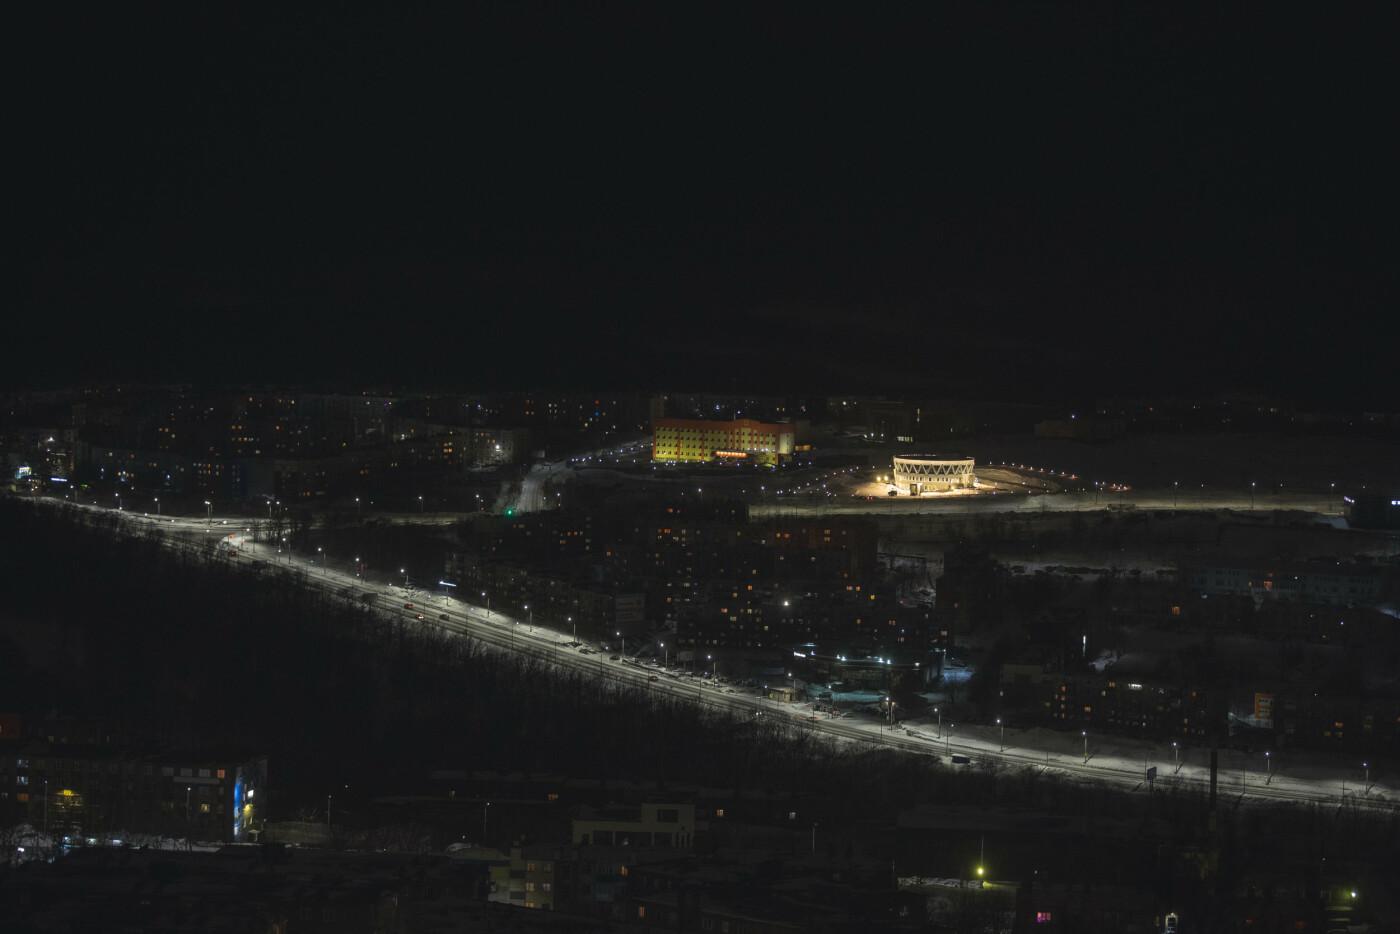 Камчатский Дворец бракосочетаний светится в темноте, фото-8